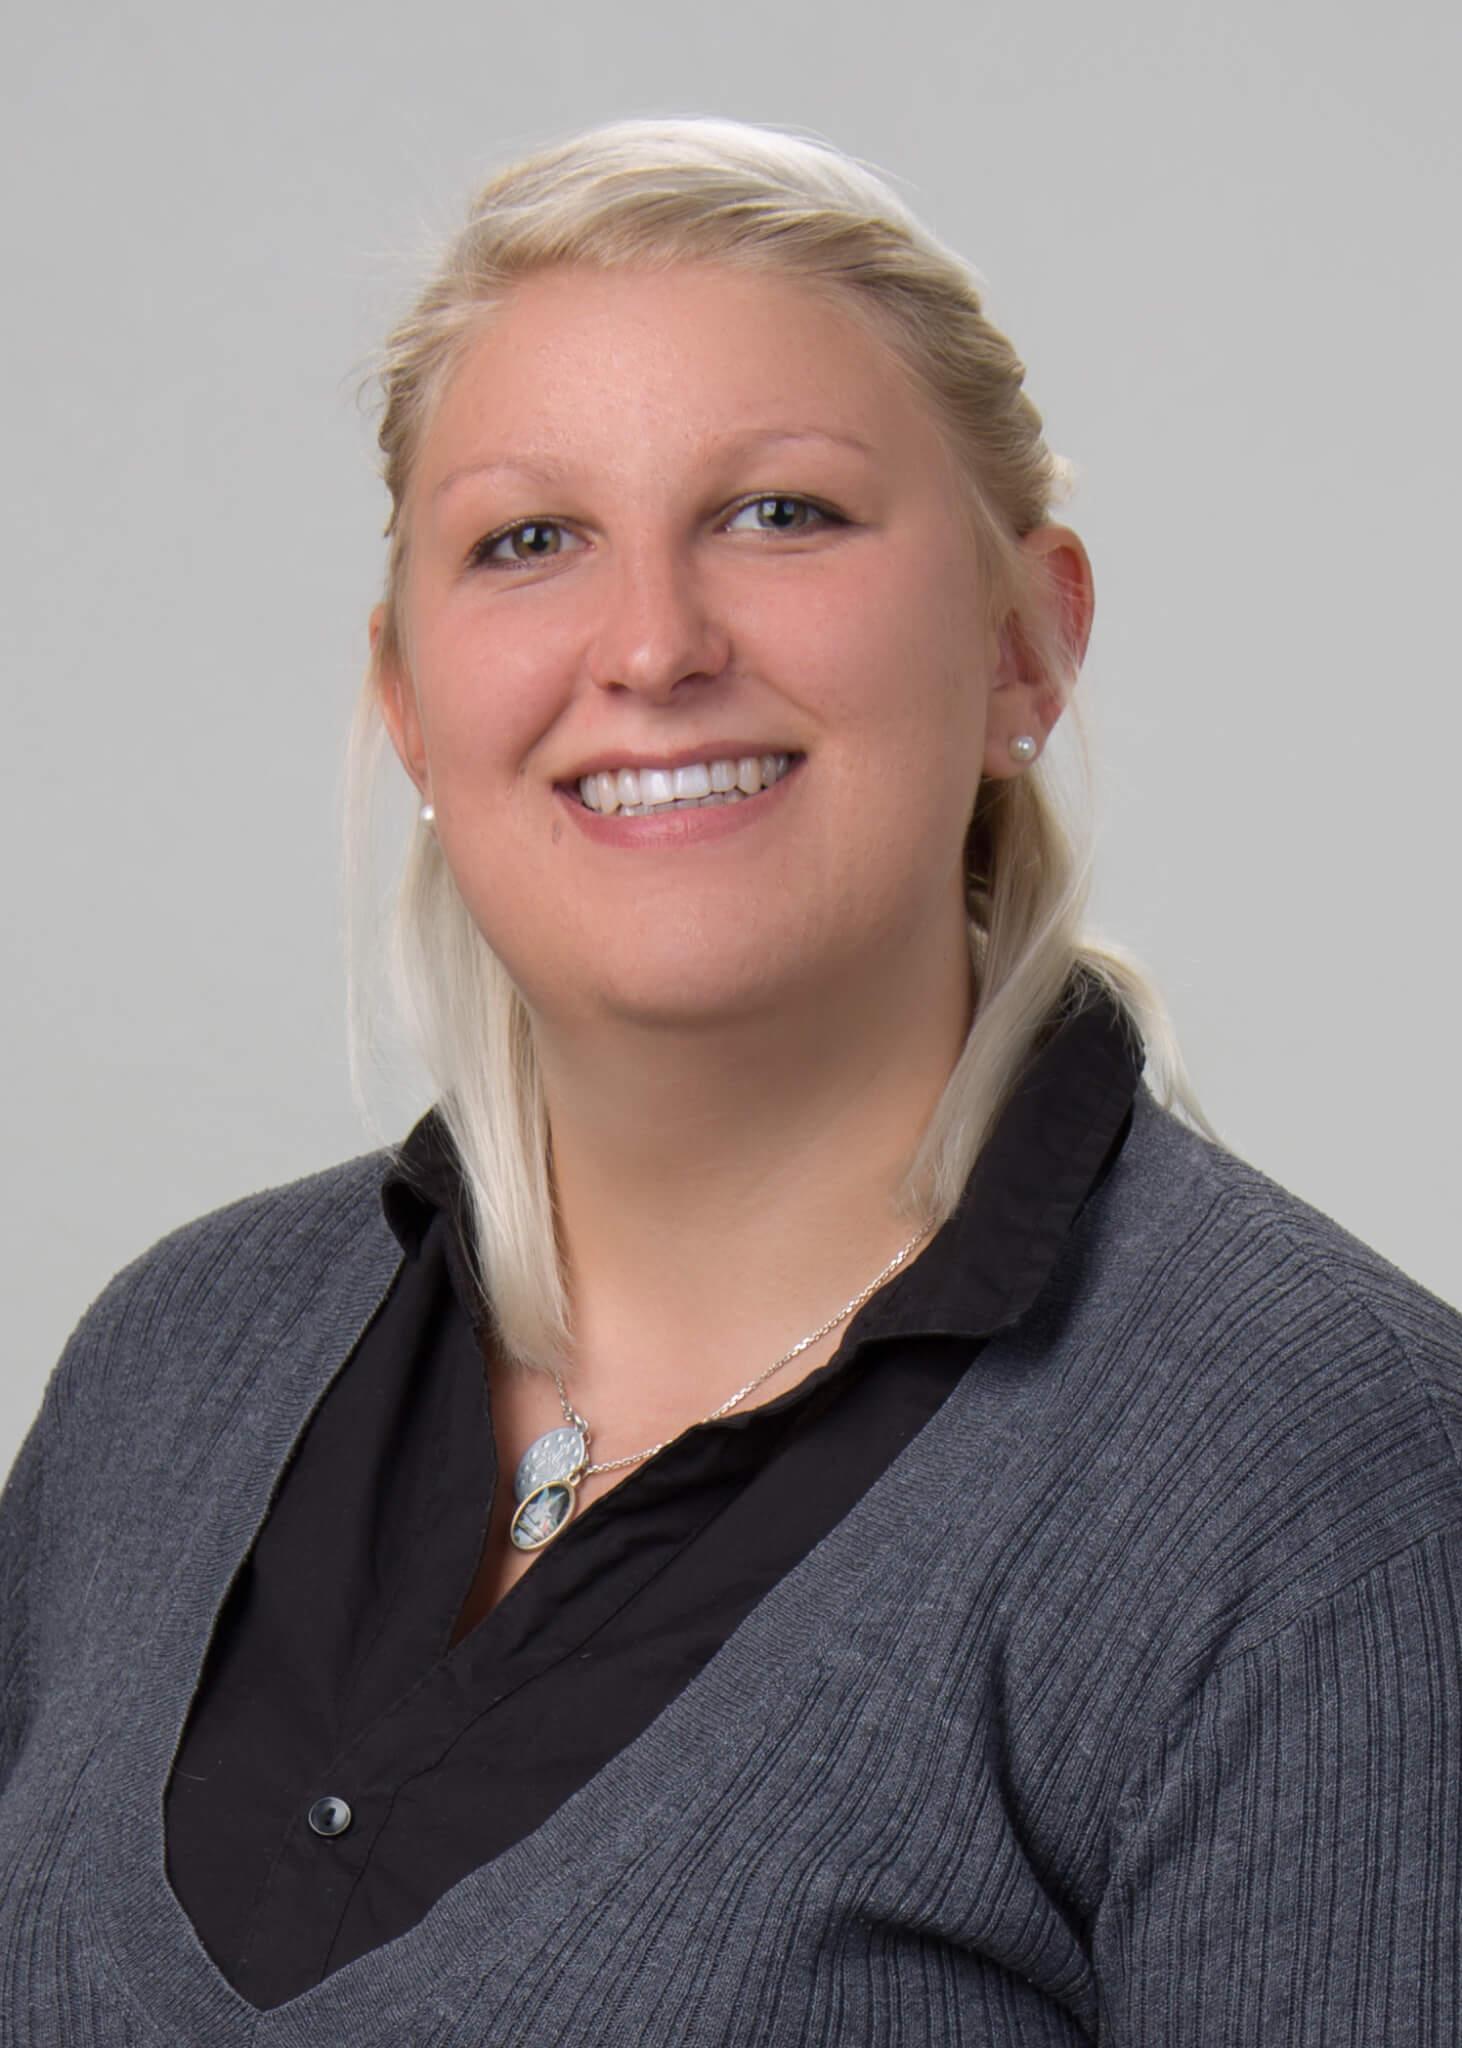 Eva Schaible